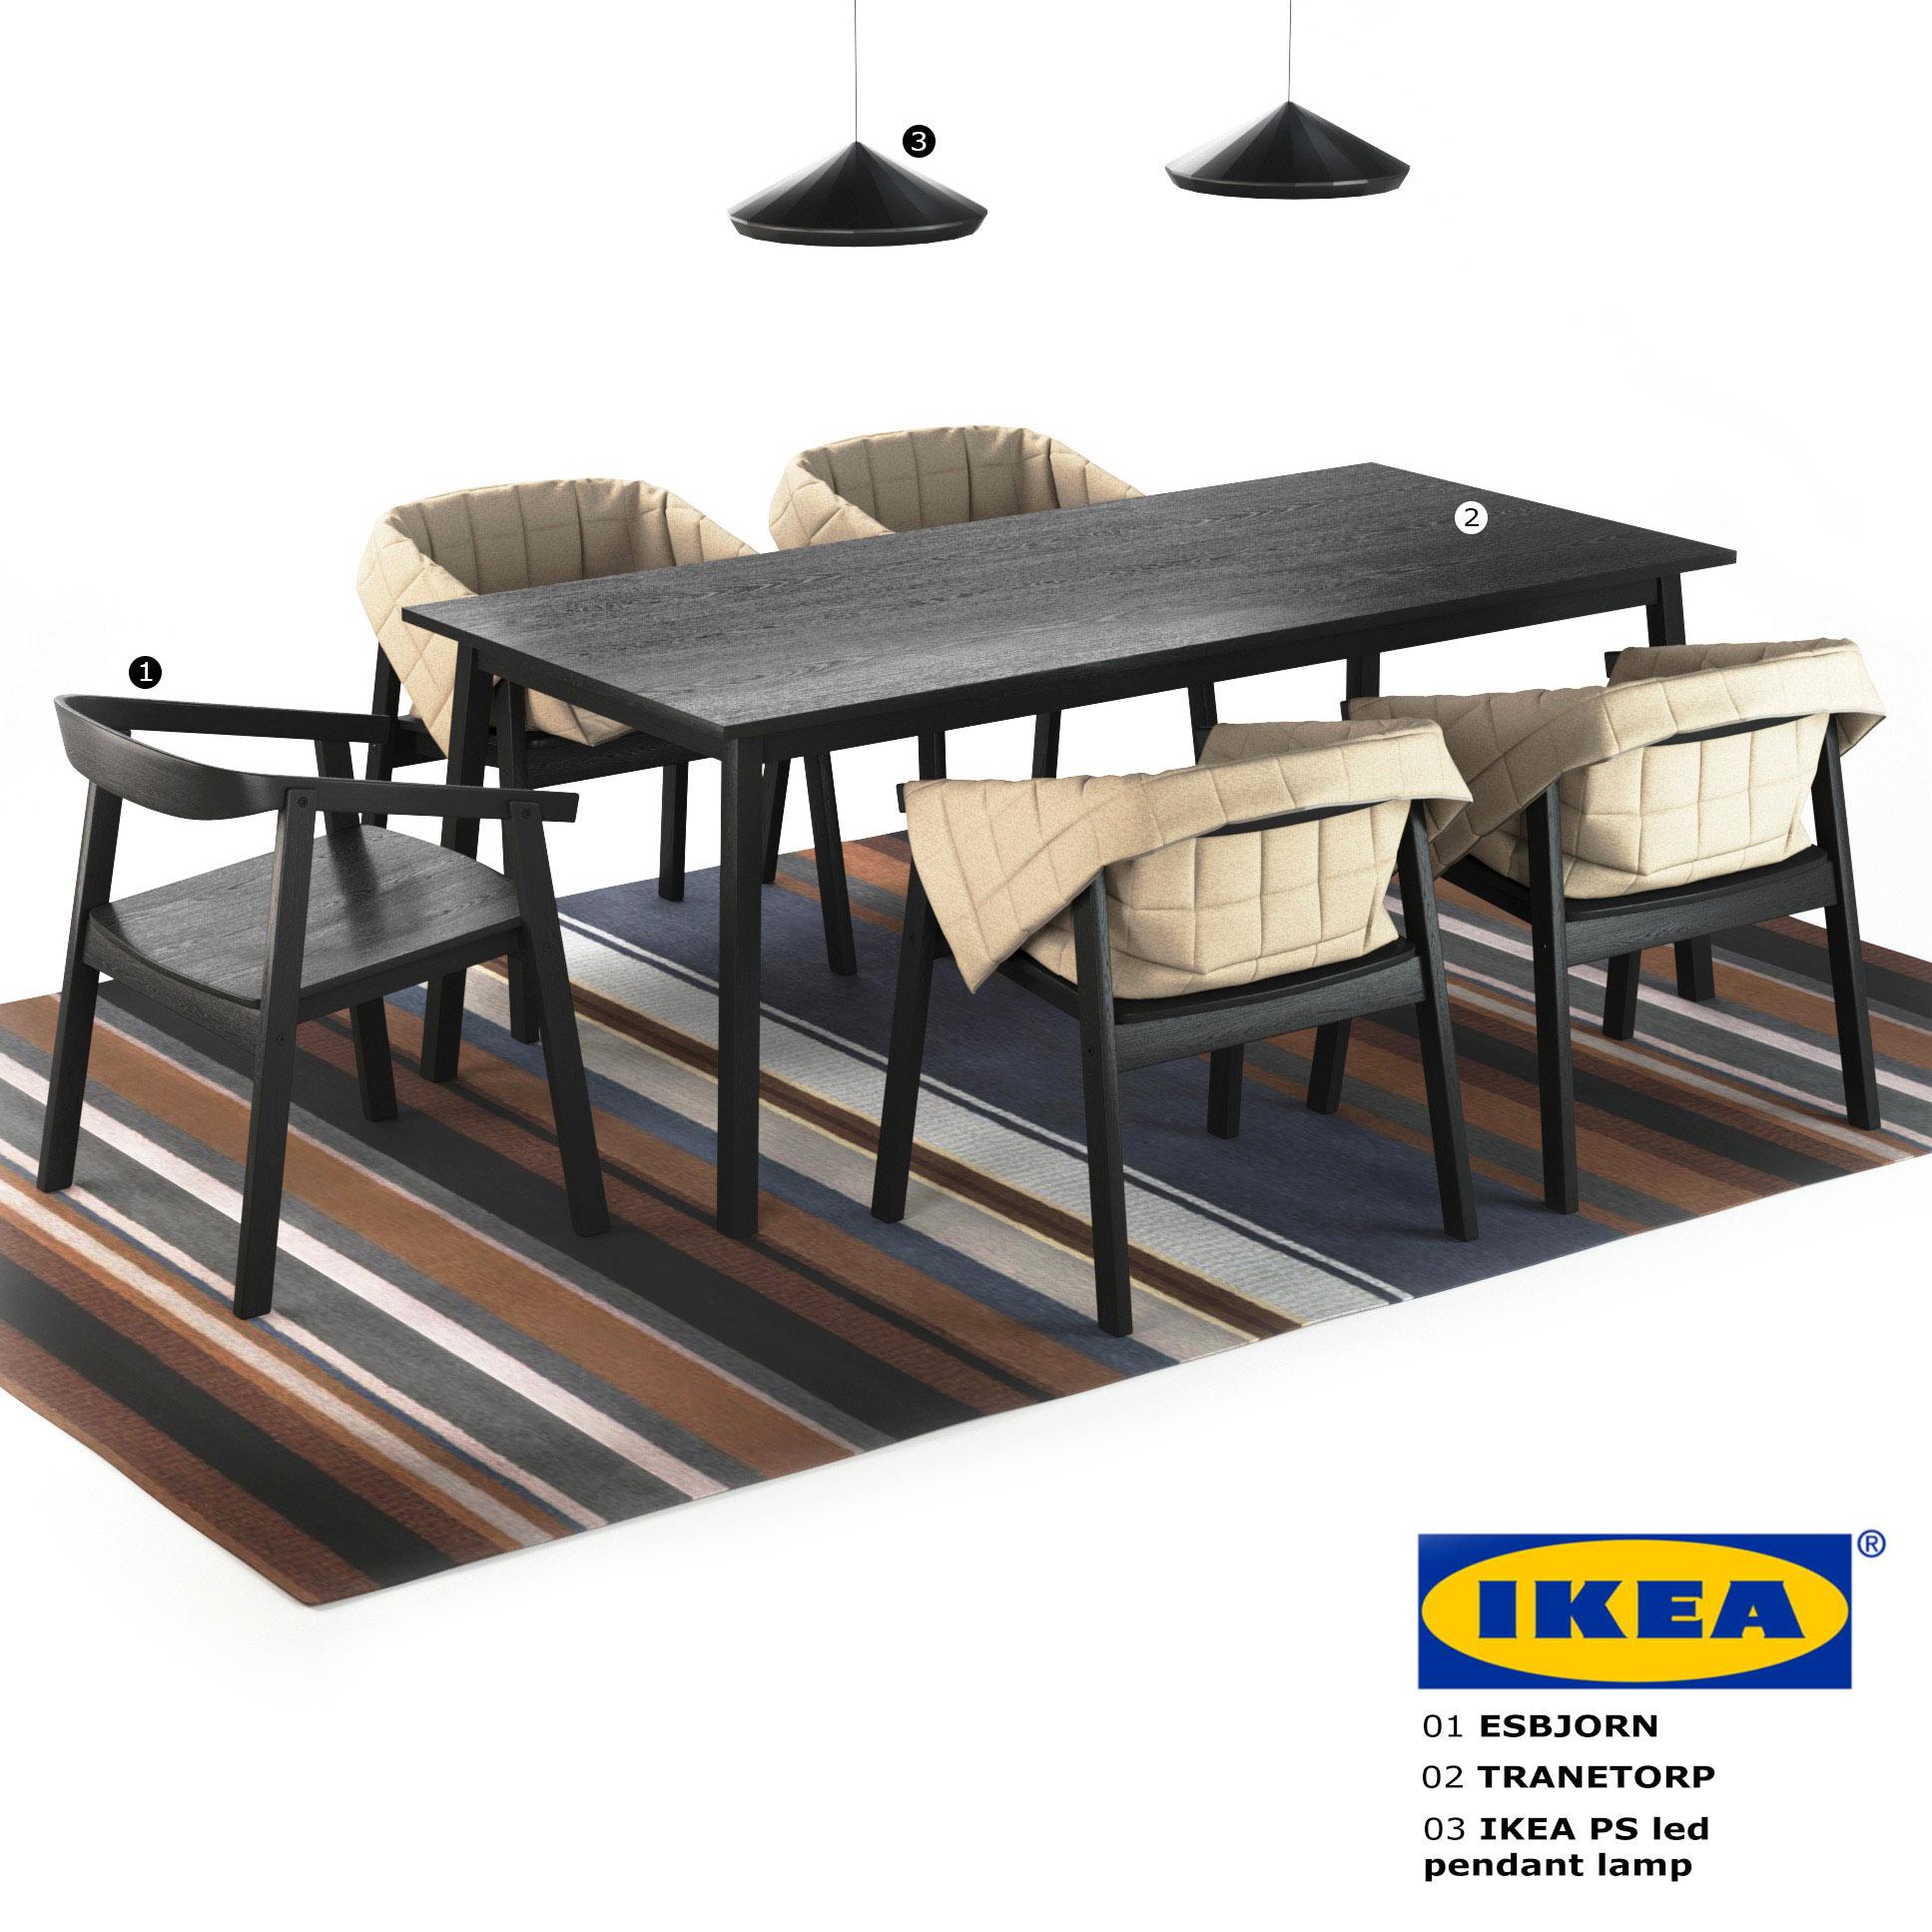 Ikea Esbjorn Tranetorp Led Lamp